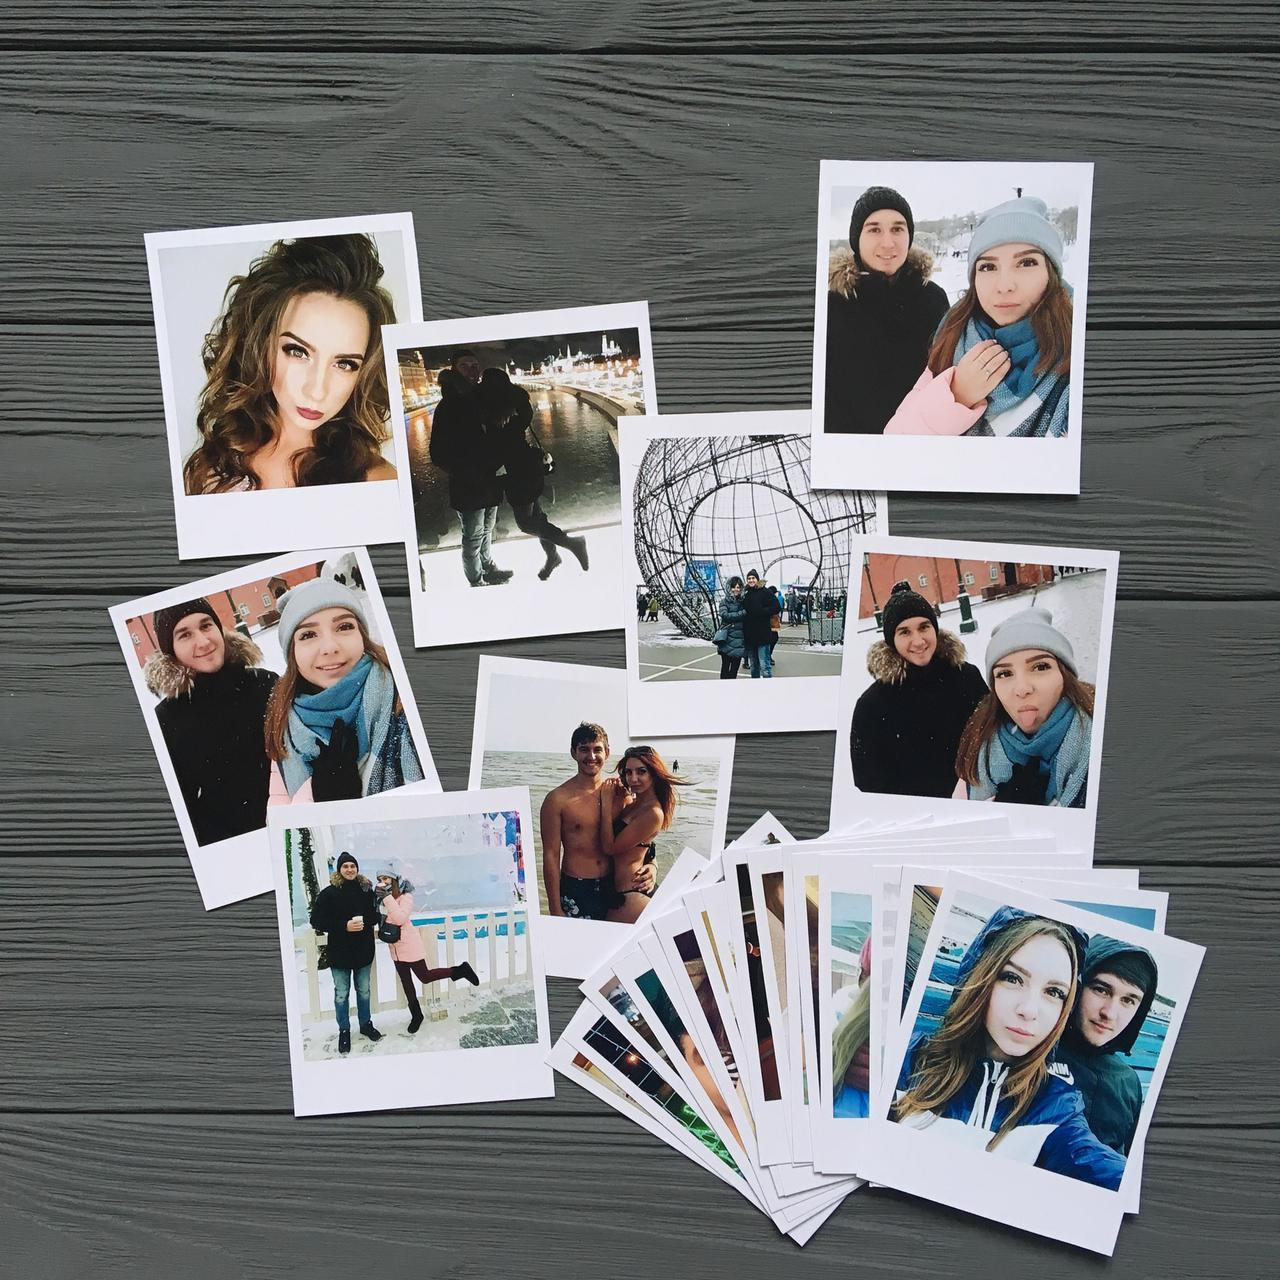 Печать фотографий с белыми полями условием остается